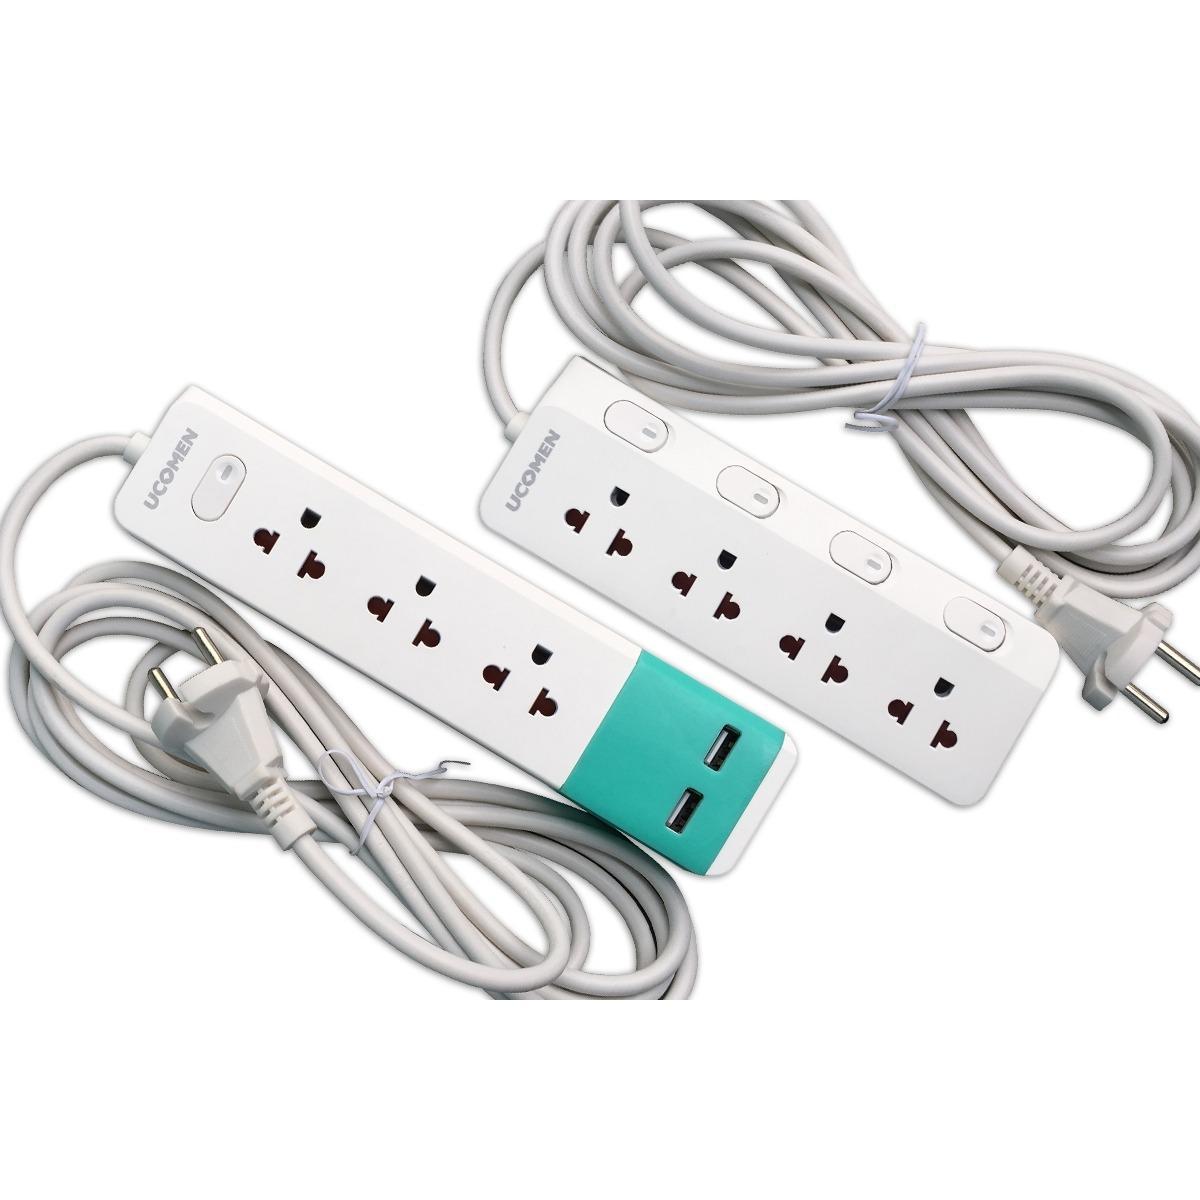 Combo 02 ổ cắm điện an toàn - 04 công tắc độc lập và sạc USB - Cao cấp từ Singapore